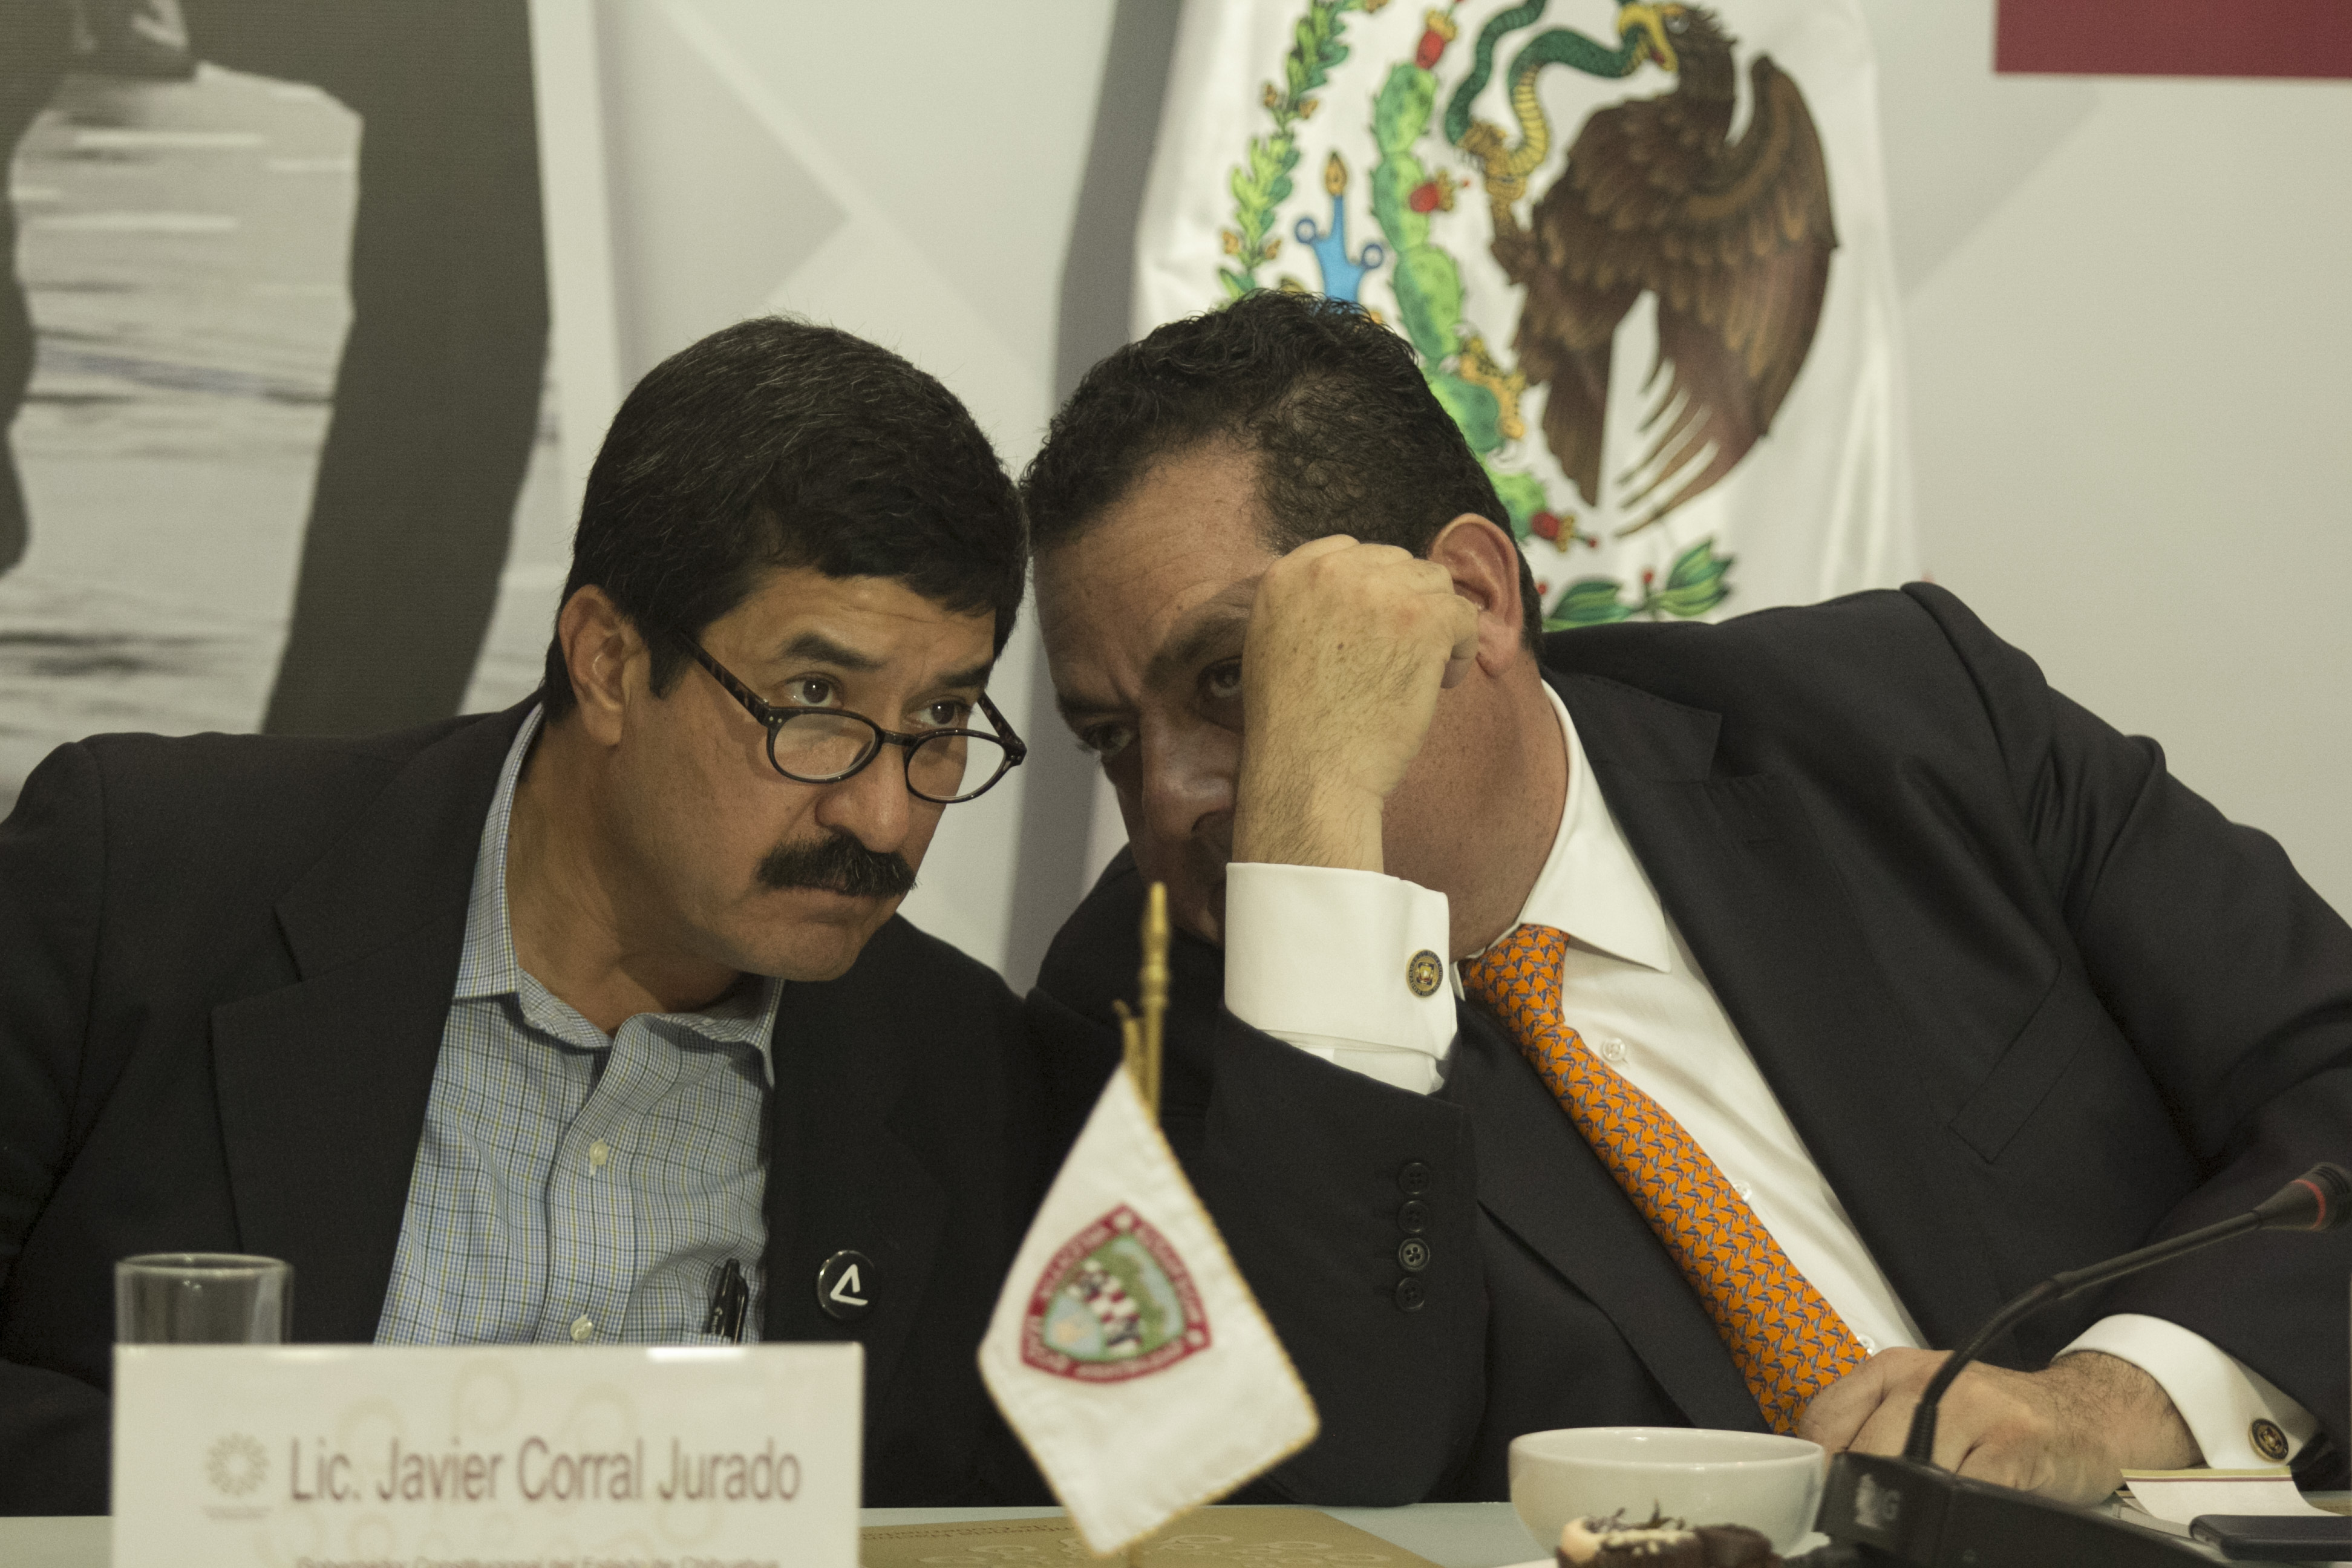 Javier Corral, gobernador de Chihuahua, y Carlos Mendoza Davis, gobernador de Baja California Sur. @Cuartoscuro.com